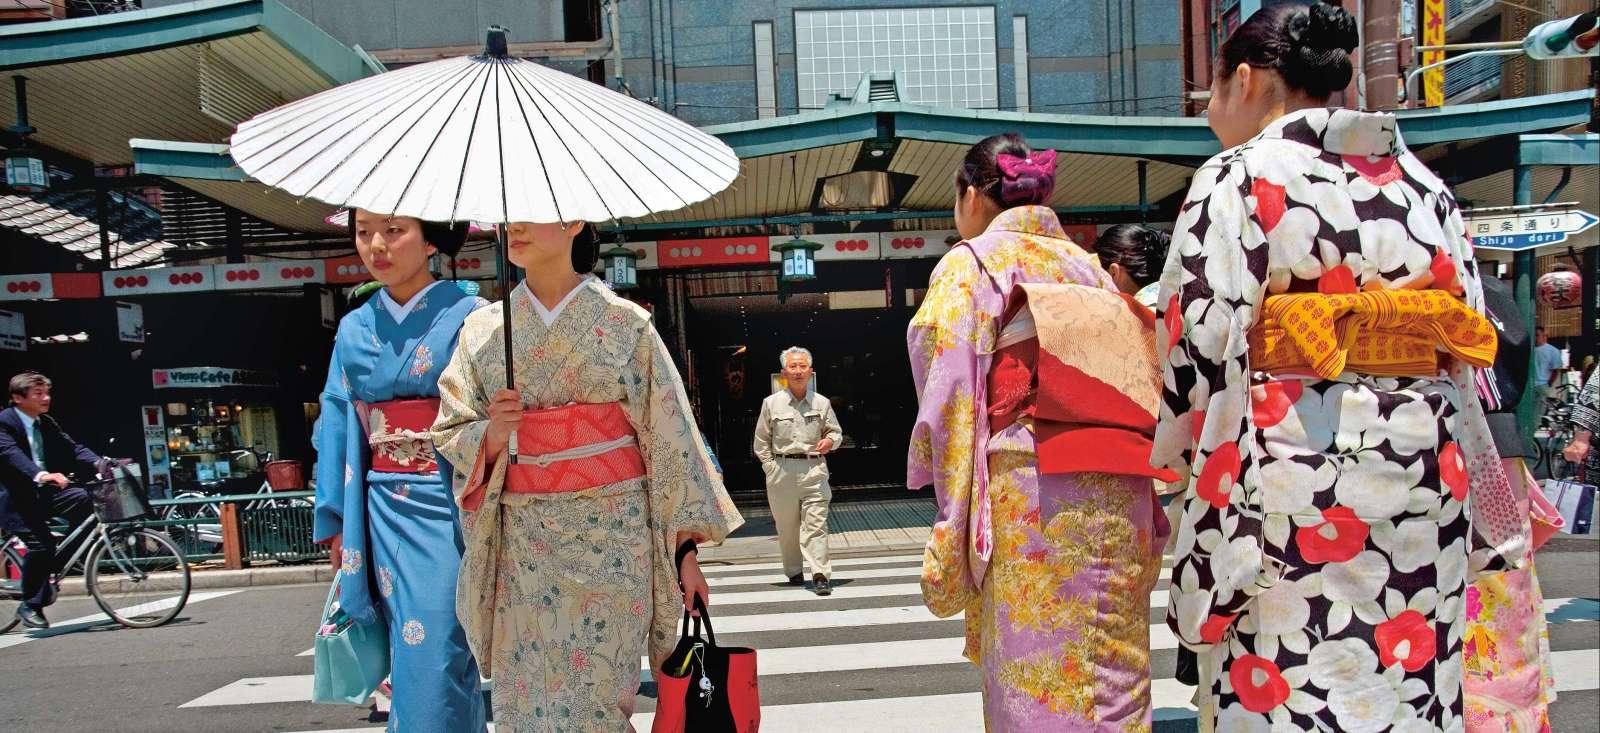 Voyage en véhicule : Le Japon sans sushi